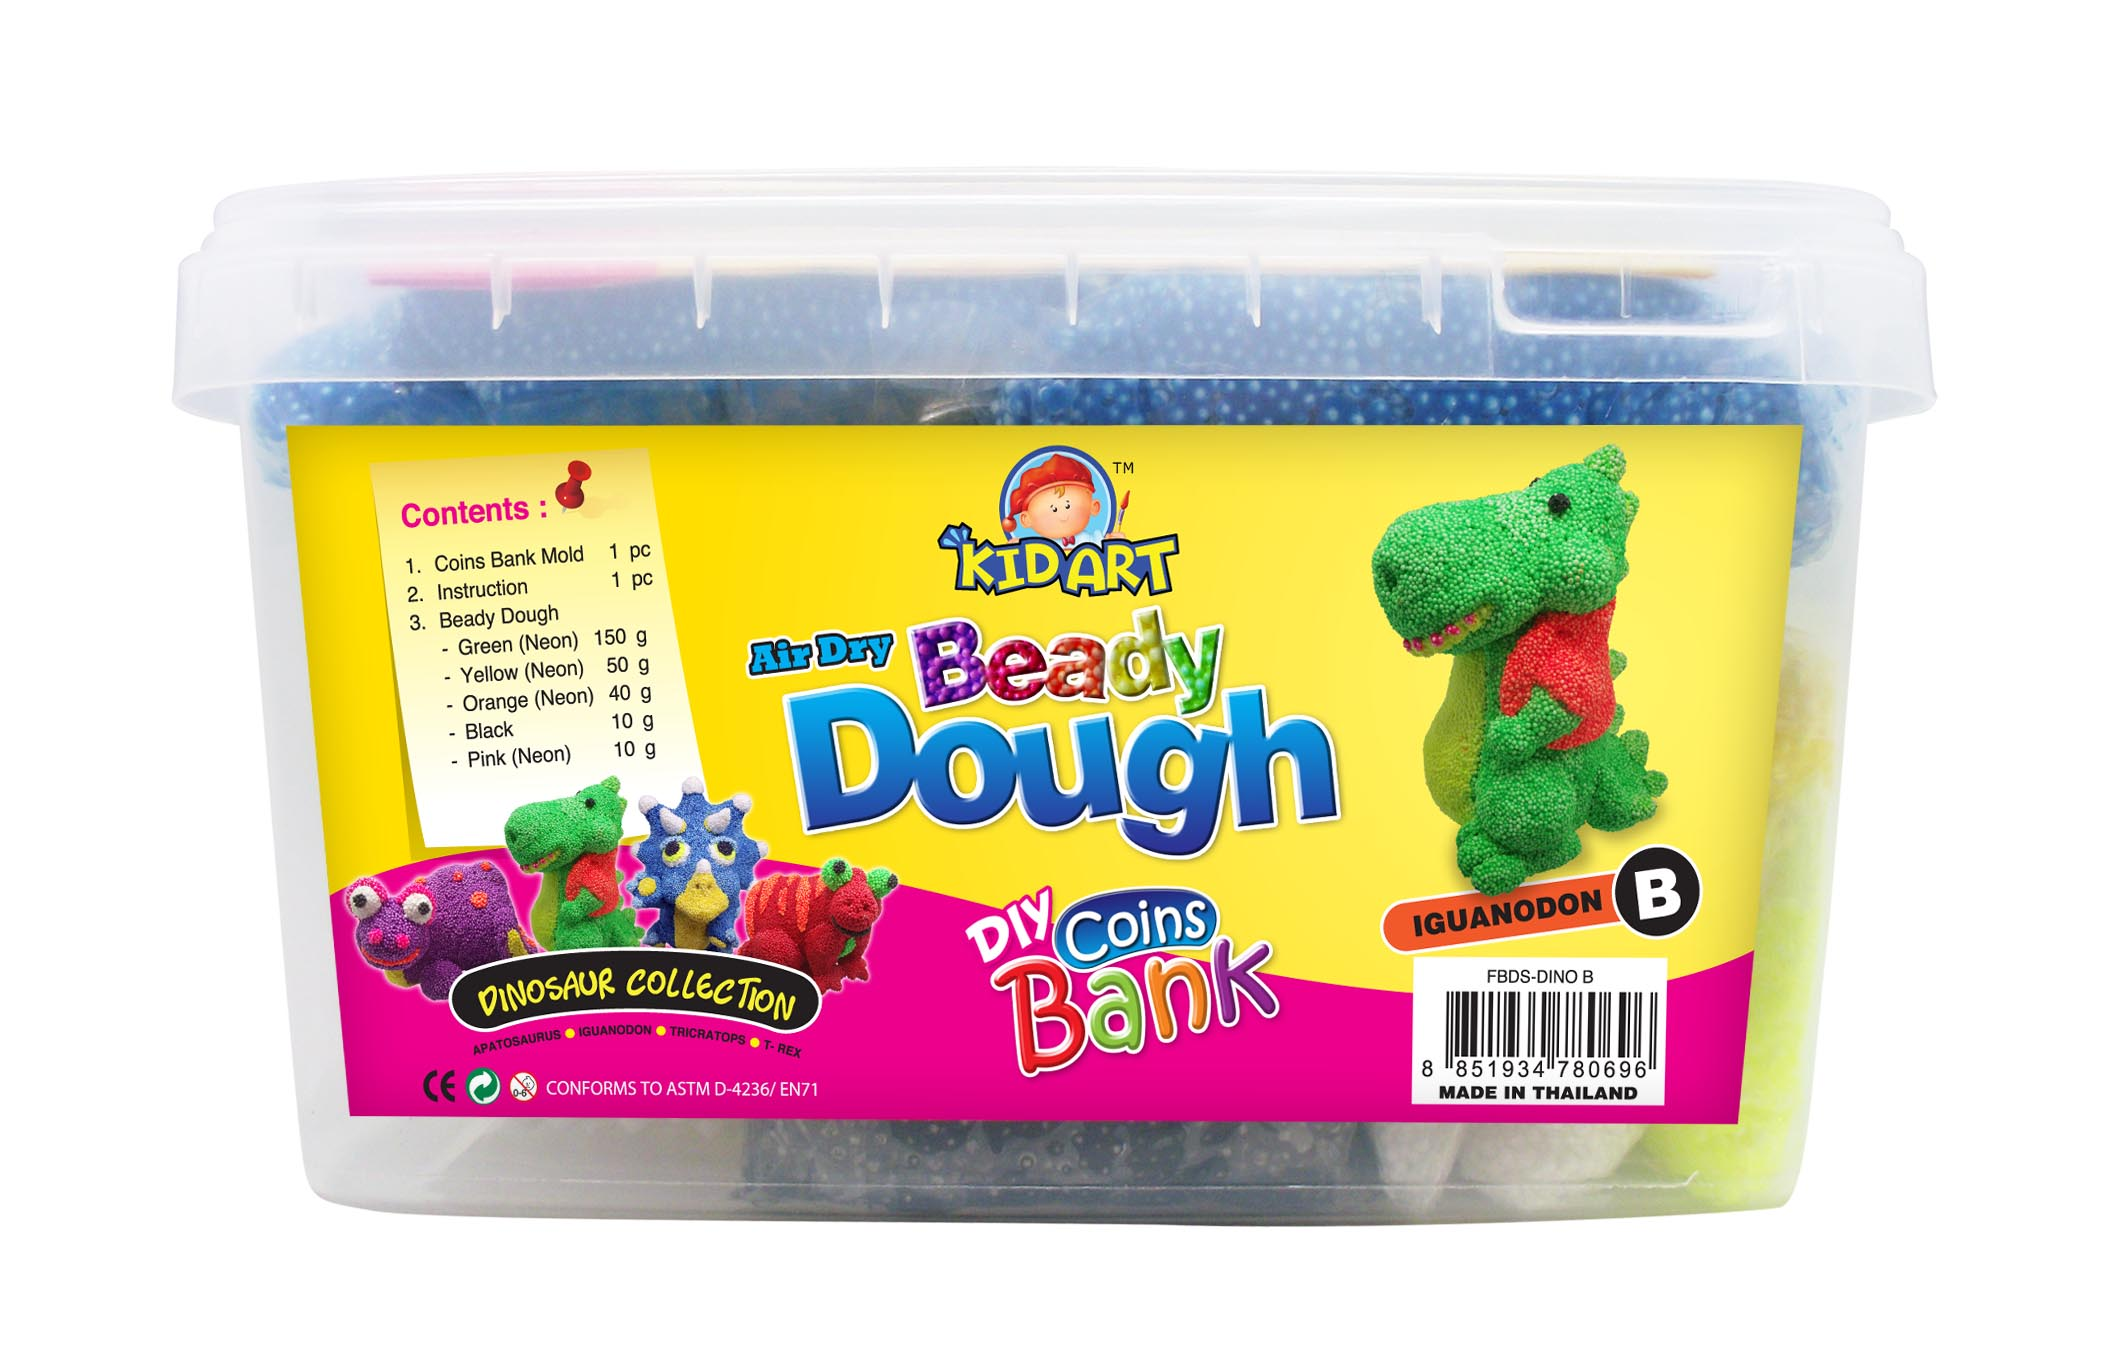 ชุดประดิษฐ์กระปุกออมสินเม็ดโฟมประดิษฐ์ D.I.Y. Beady Dough Coin Bank